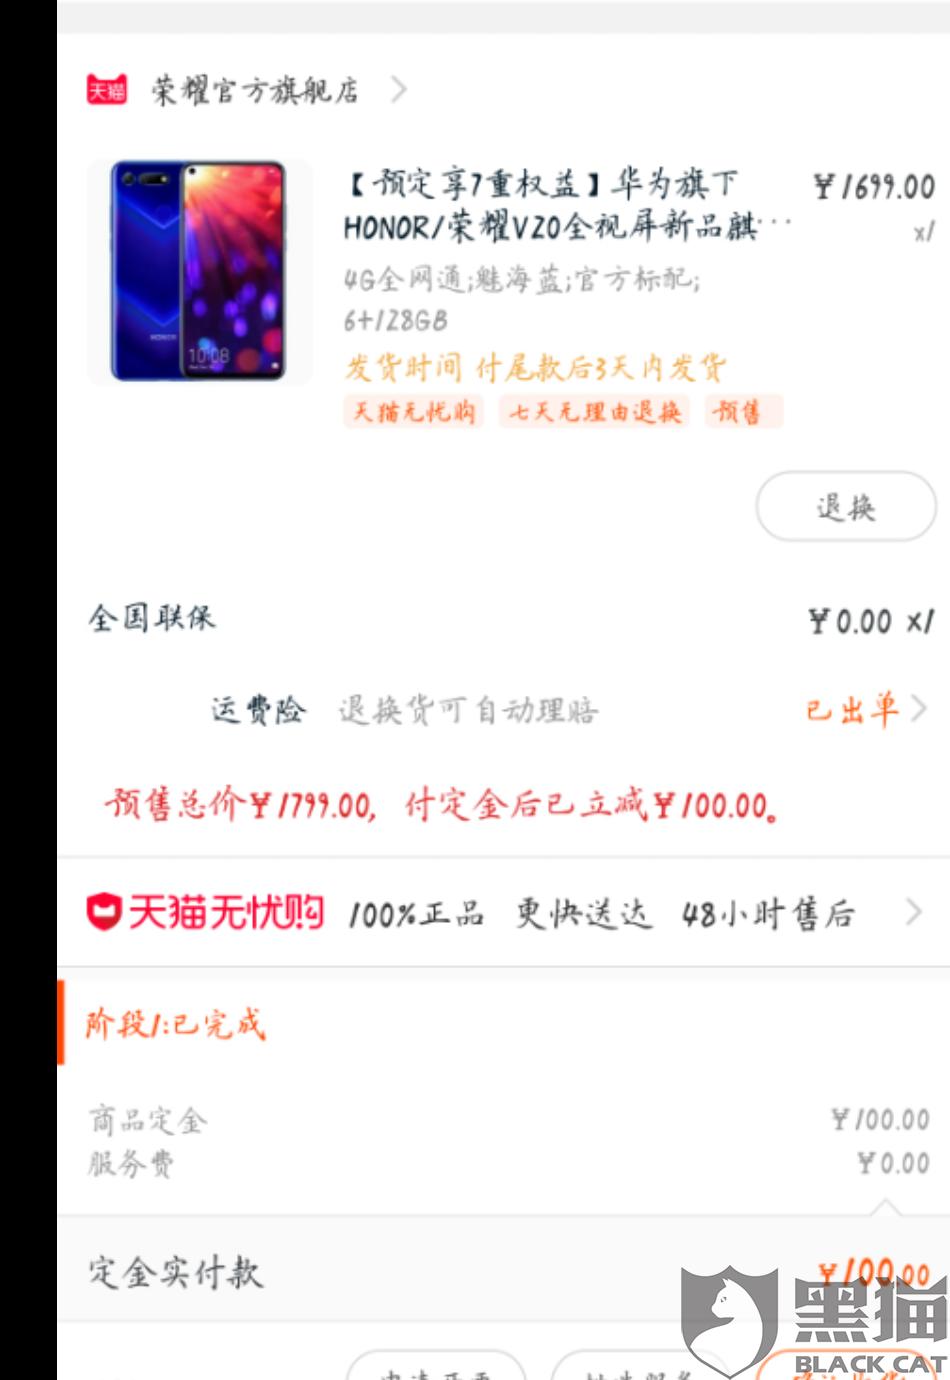 黑猫投诉:荣耀旗舰店预售不保价